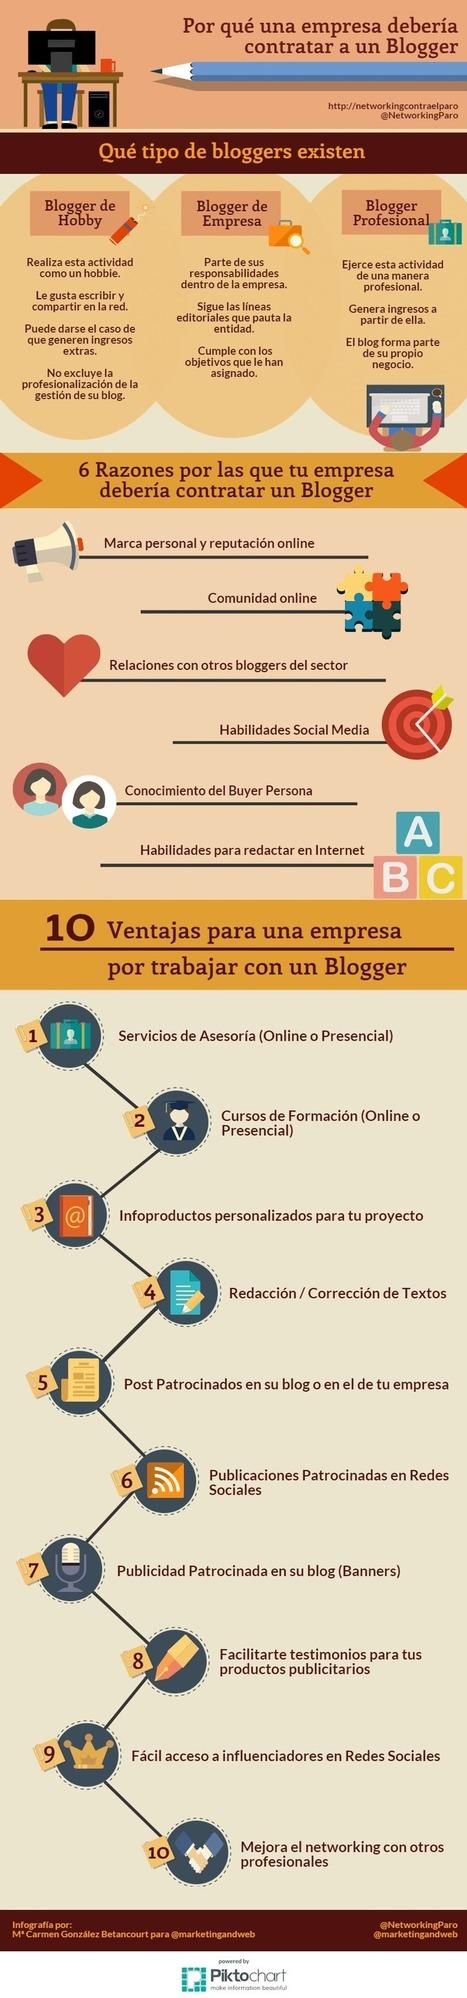 ¿Por qué debería una empresa contratar a un Blogger? | #social_media y otras cosas de internet | Scoop.it